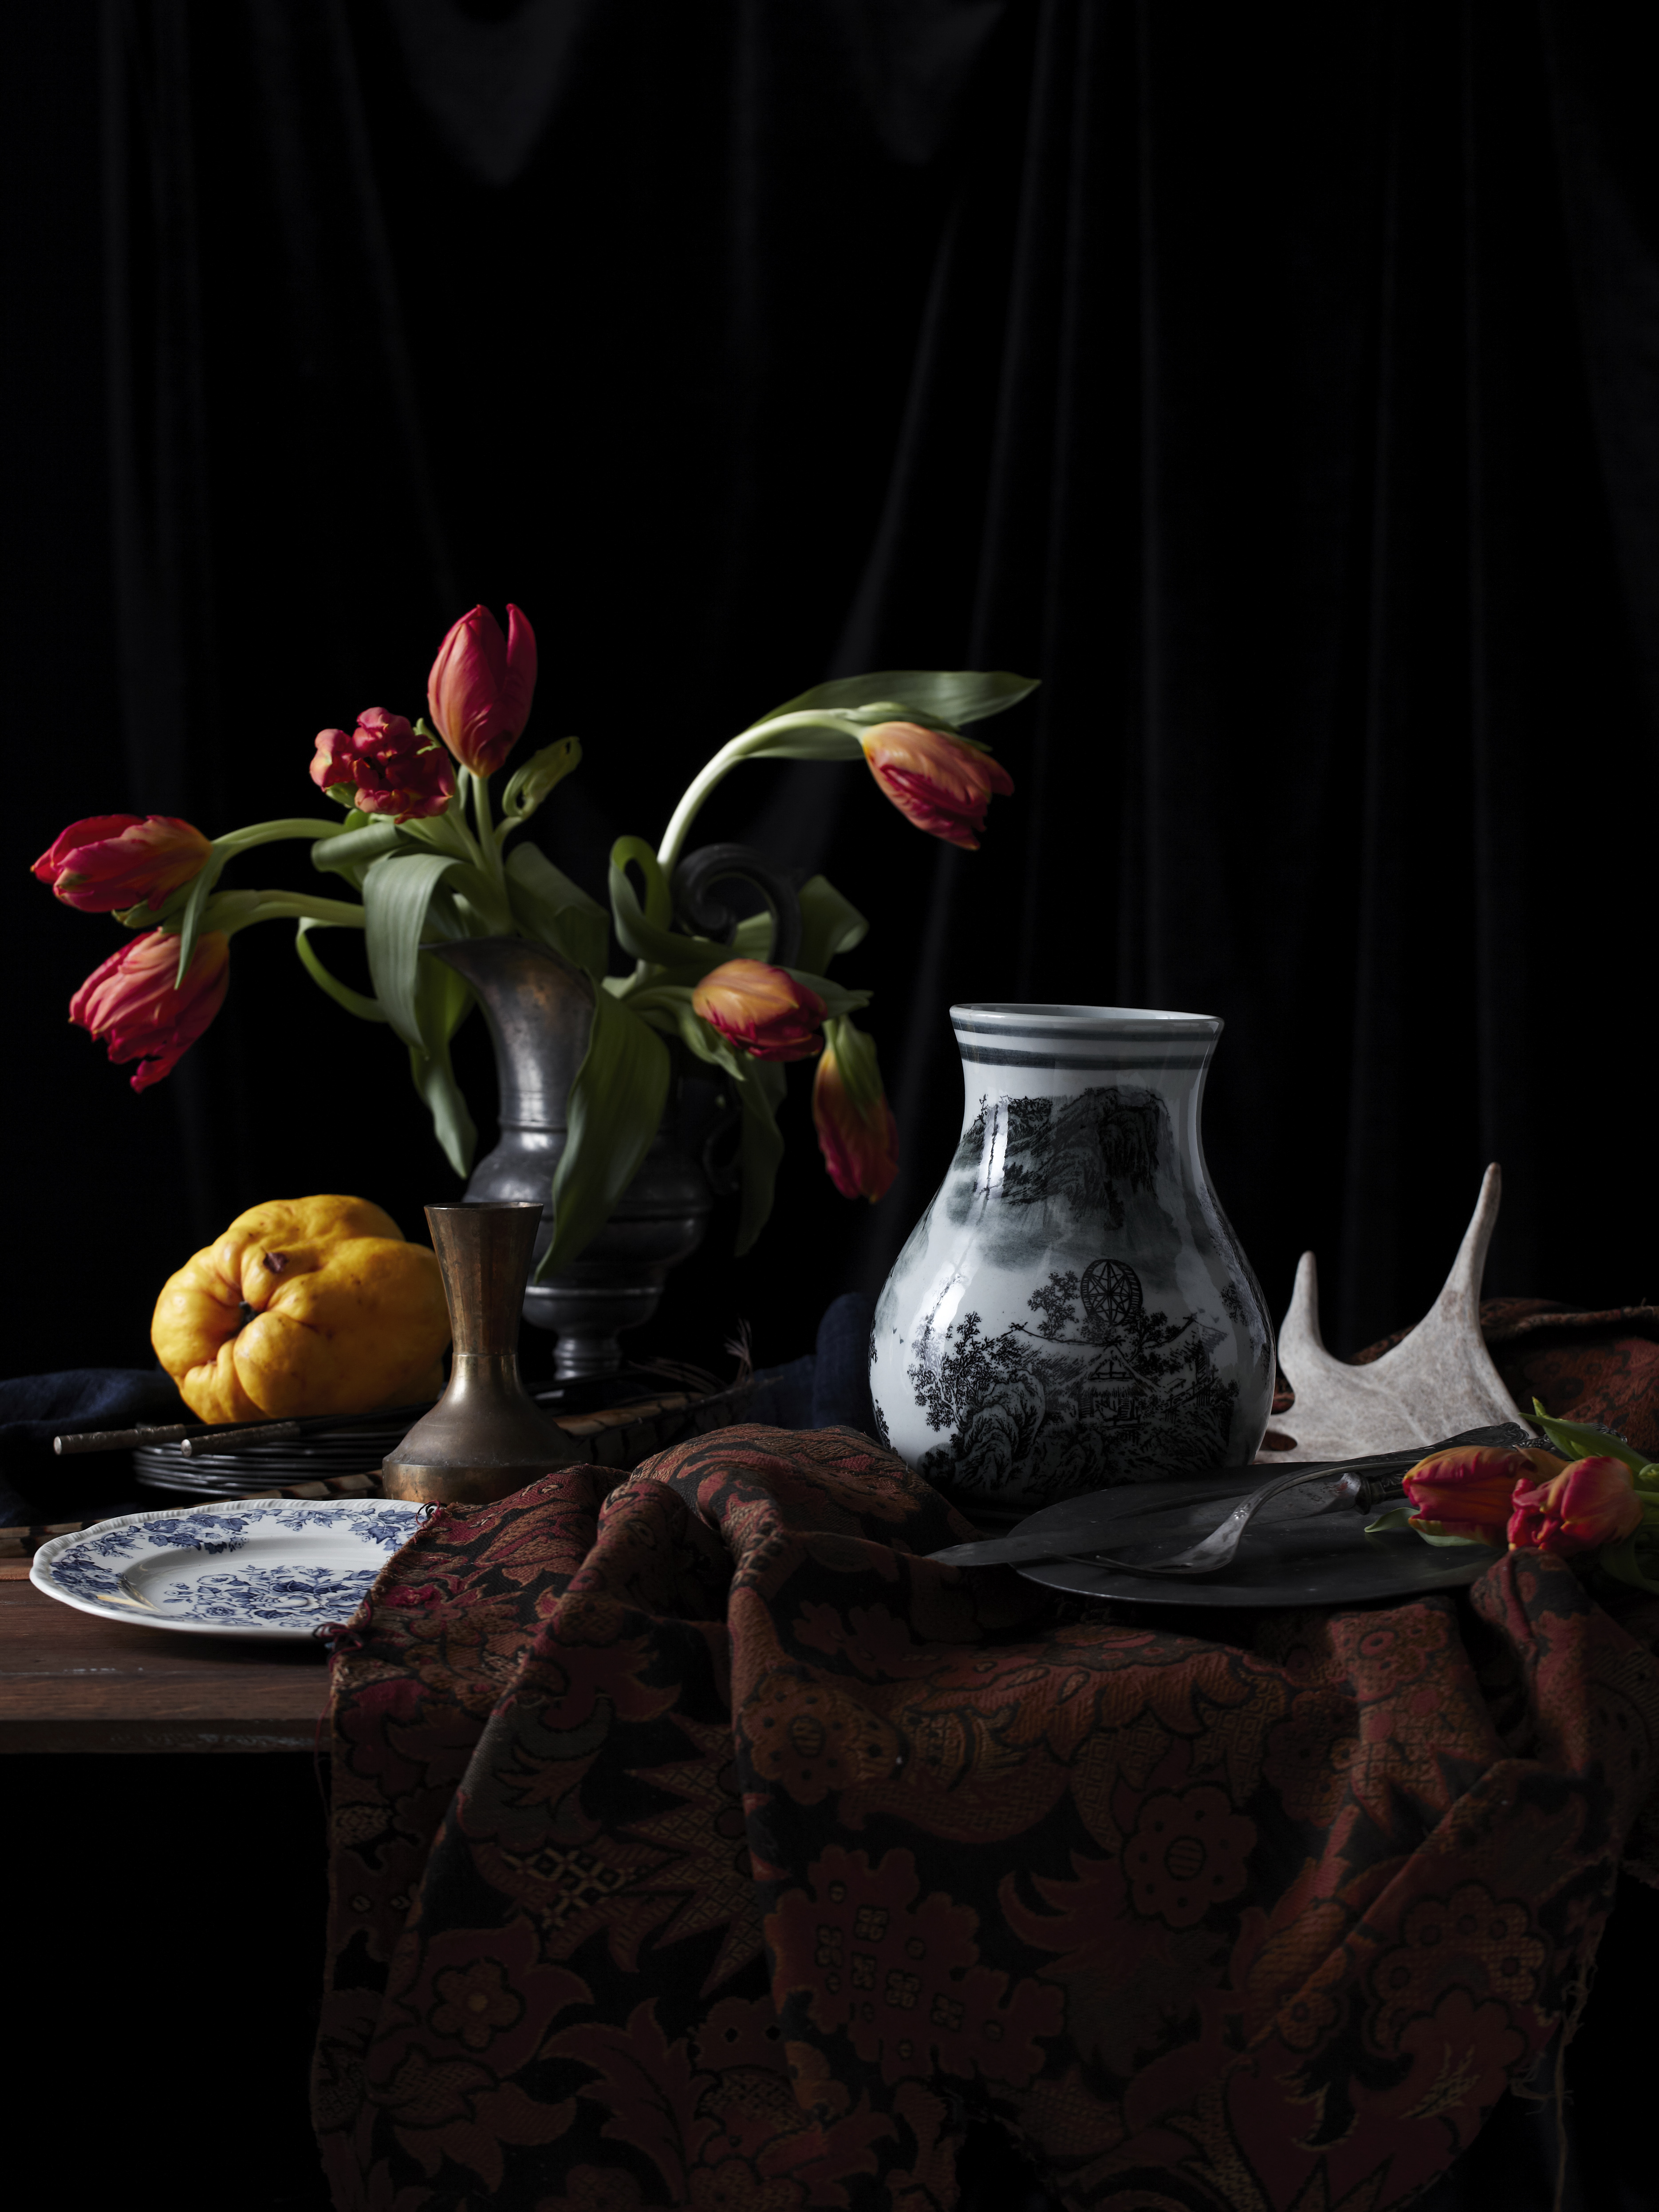 Sian Egginton Photography